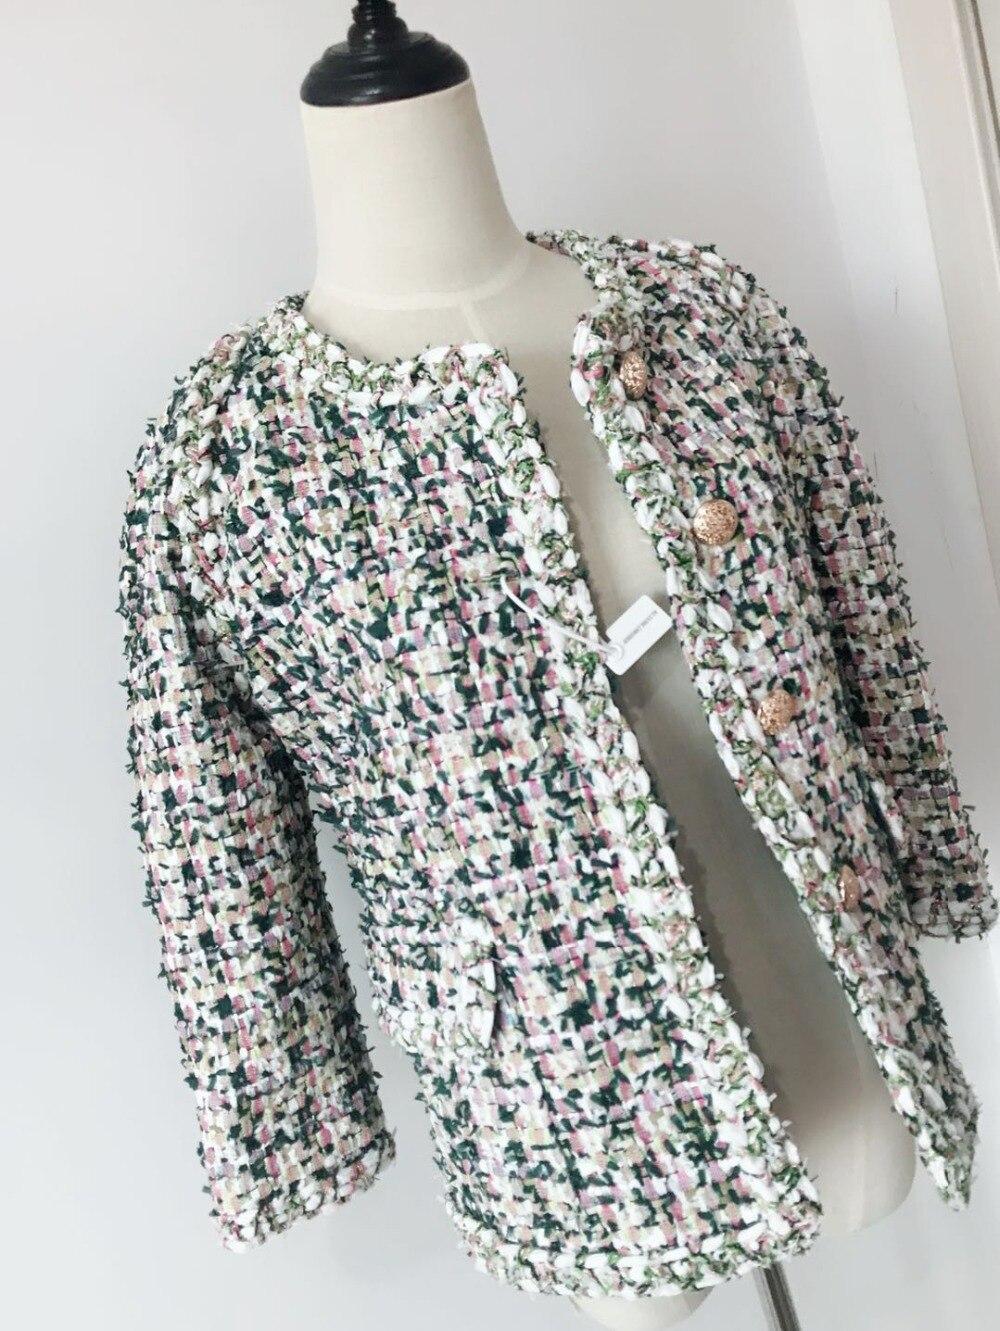 Designer automne Coloré Veste Piste Mince Manteau De Cou Survêtement Printemps Femmes Luxe 2018 Tweed O Élégant 0wB5qxpO